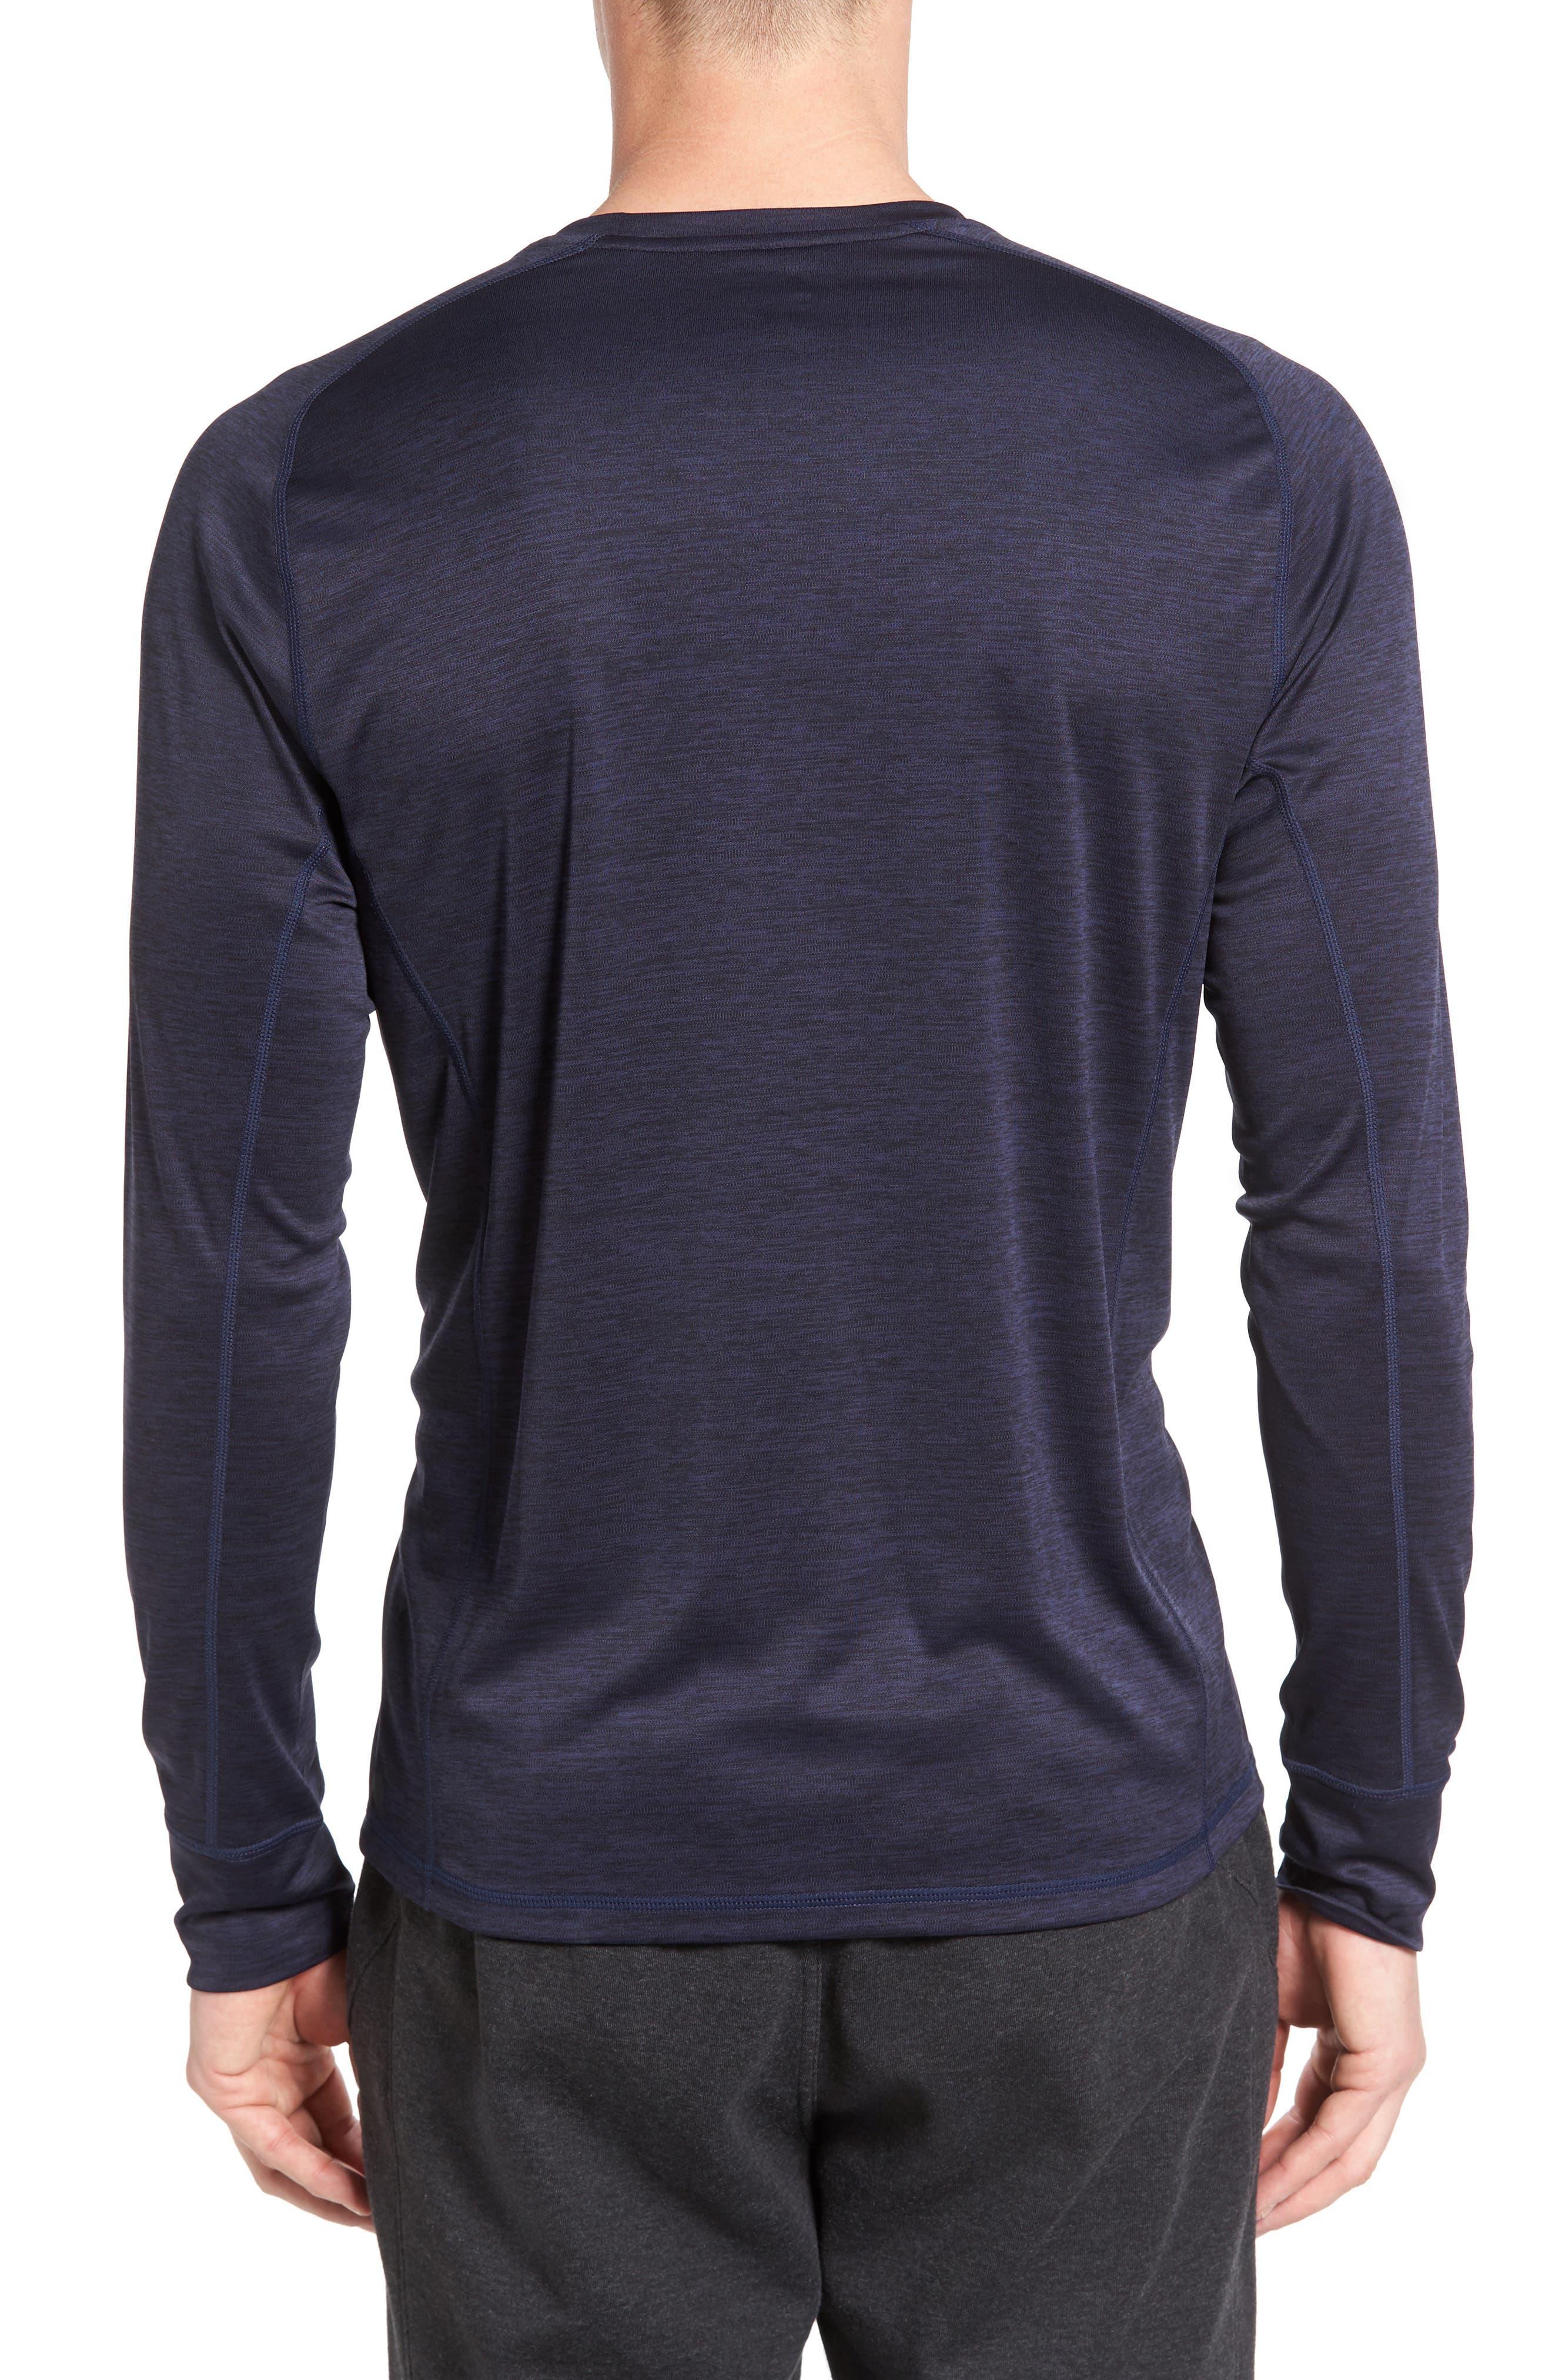 Triplite Long Sleeve T-Shirt,                             Alternate thumbnail 2, color,                             Navy Malachite Melange